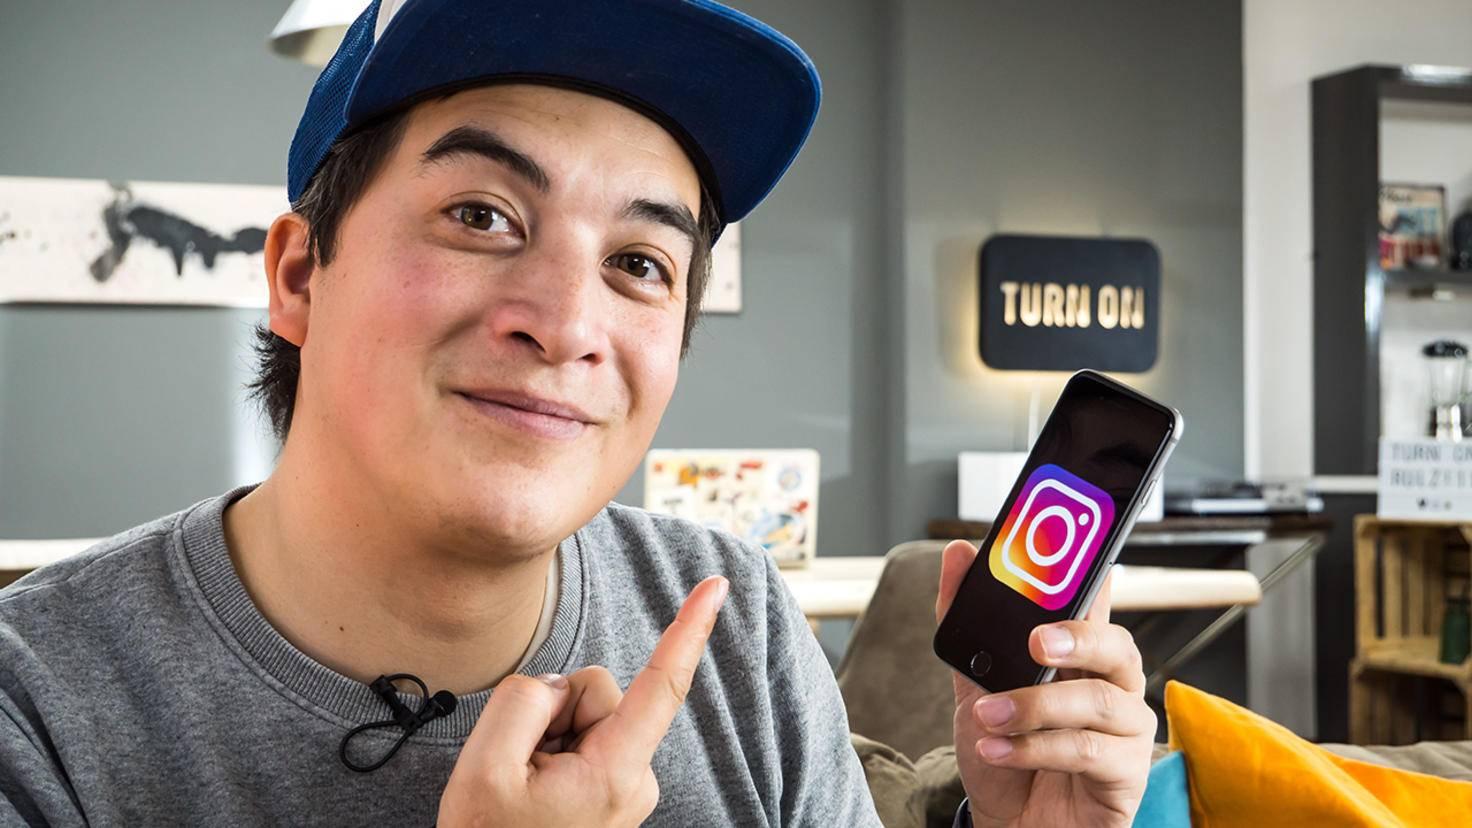 TURN ON Help Instagram